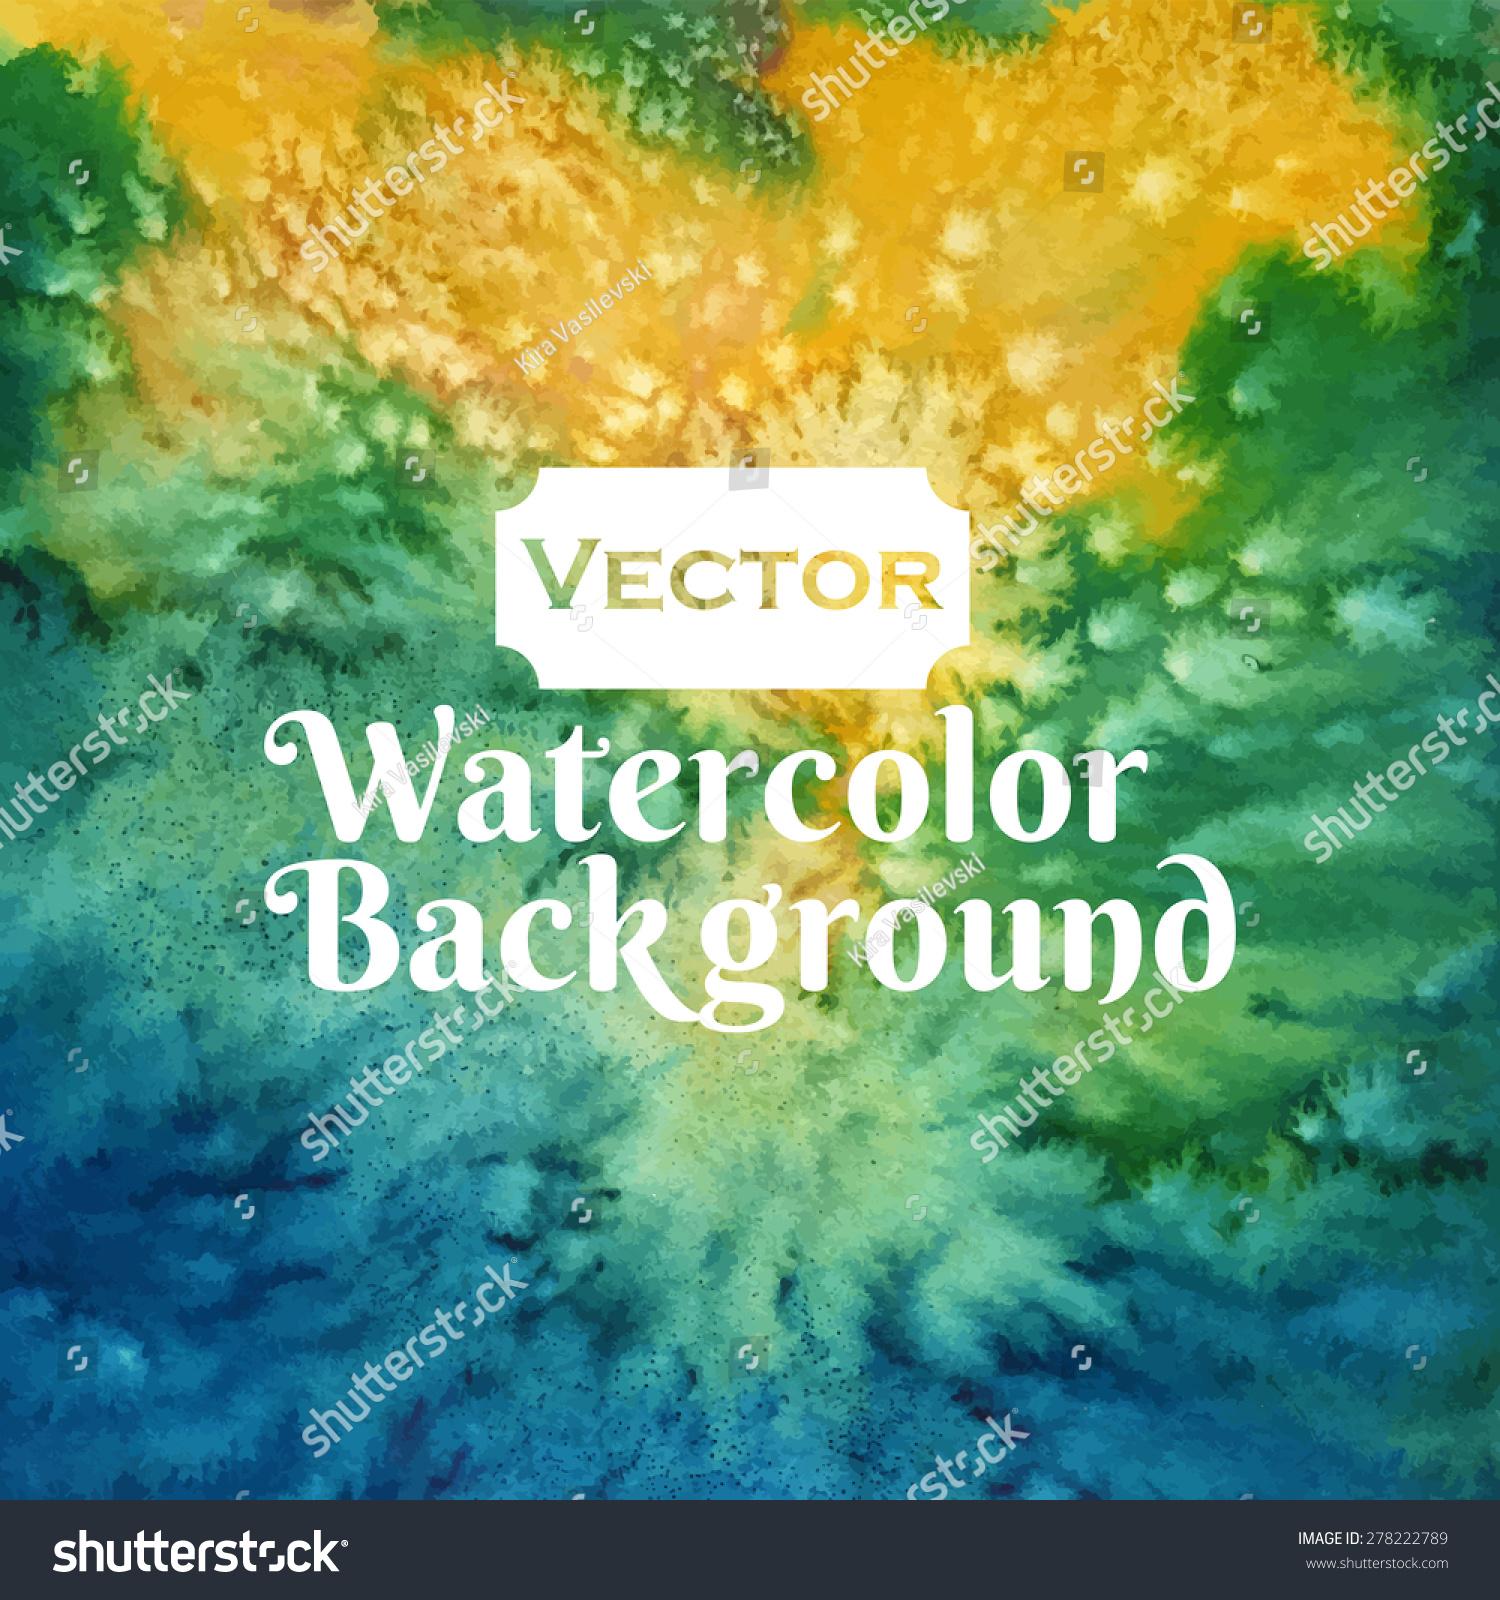 水彩向量黄绿色和蓝绿色盐背景-背景/素材,抽象-海洛